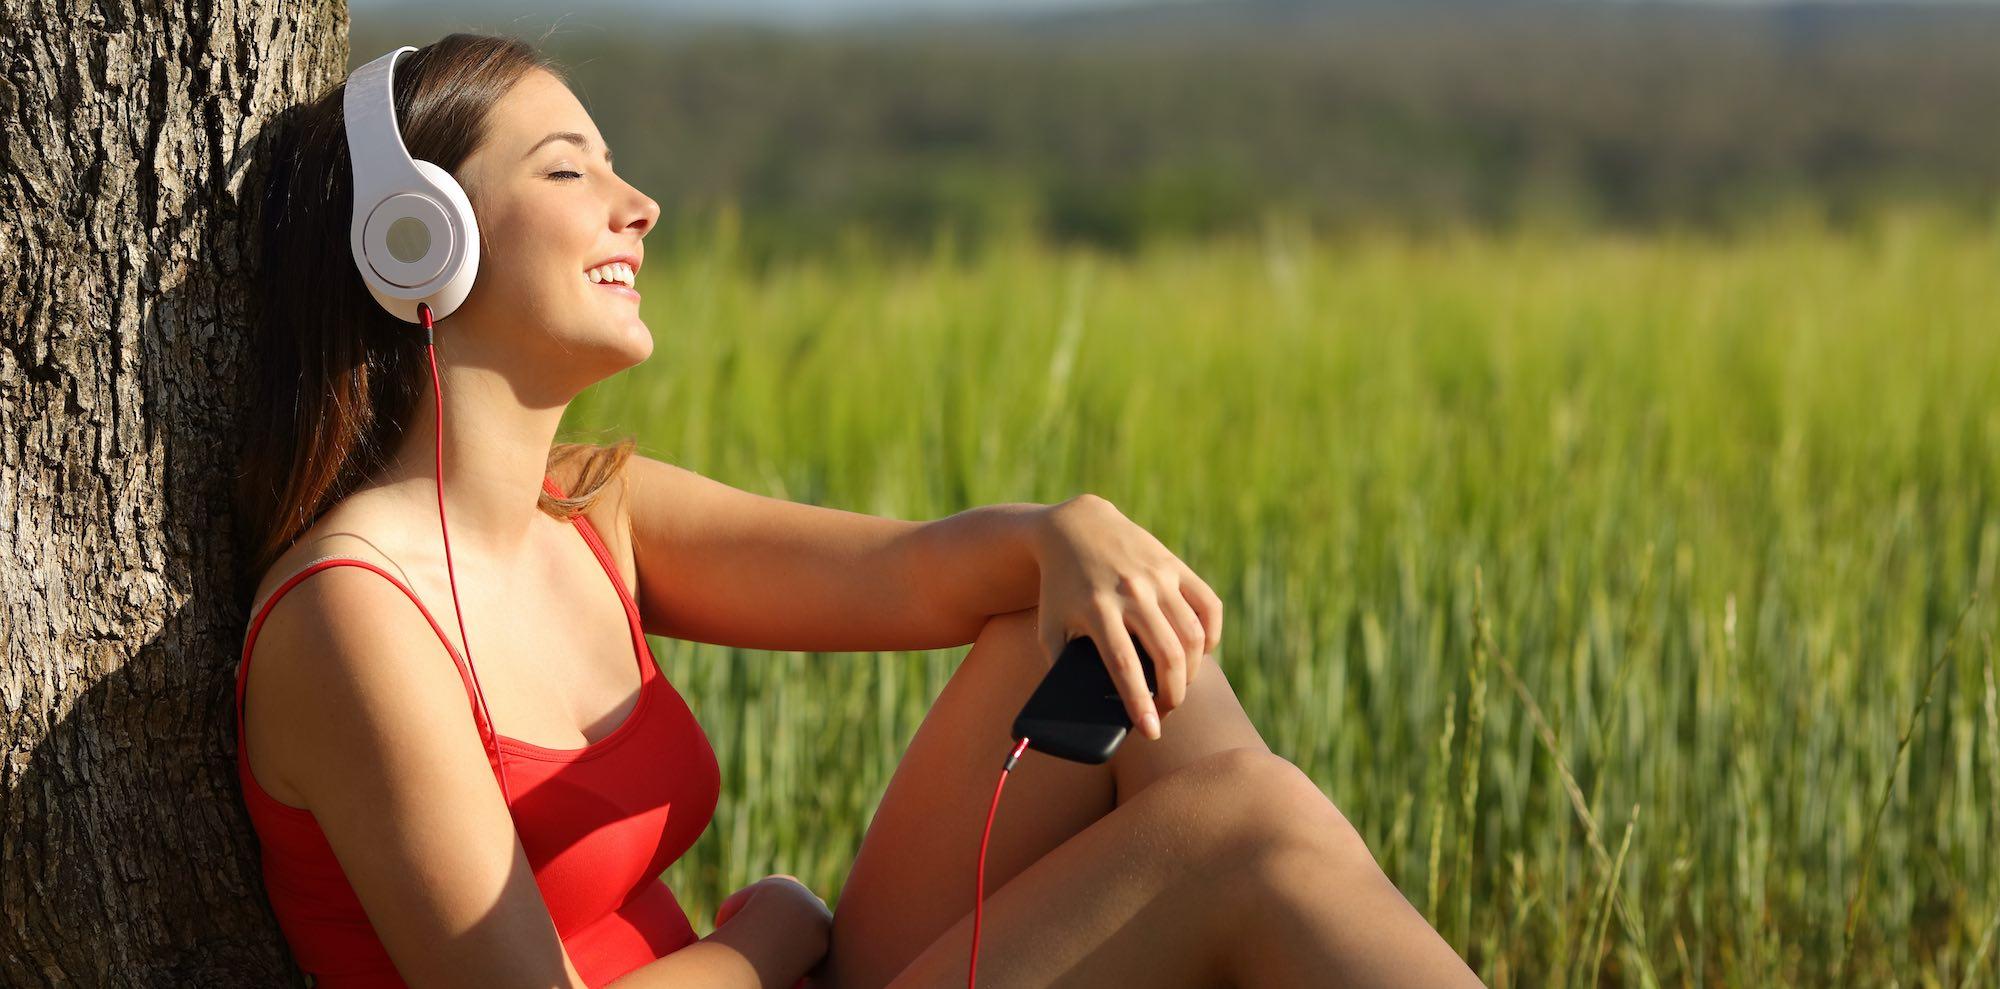 Kvinna sitter under ett träd och lyssnar på musik